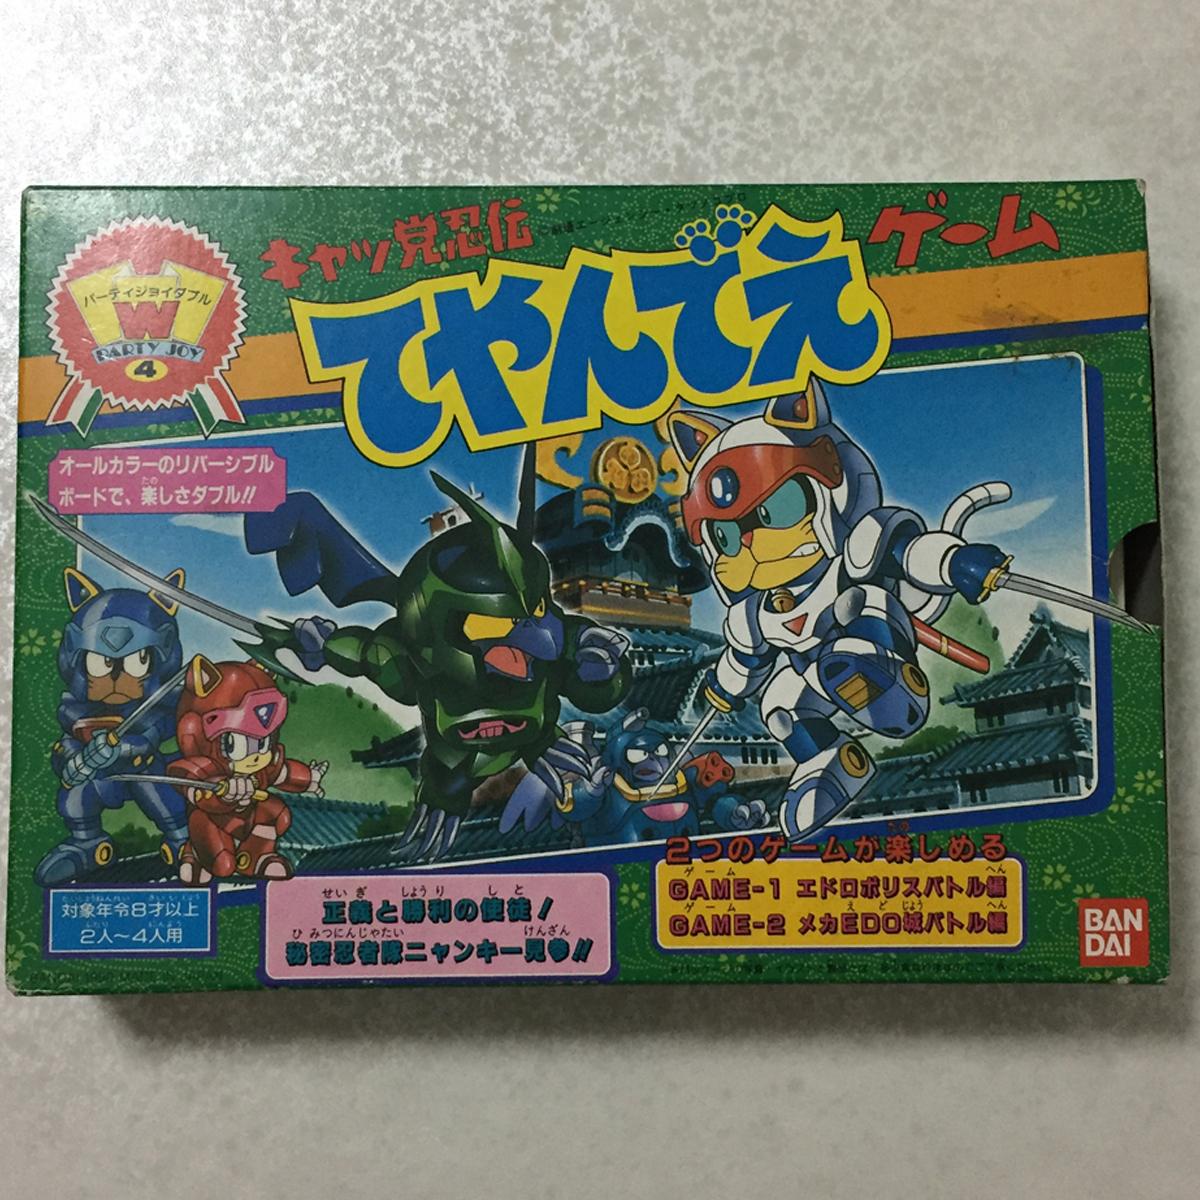 バンダイ キャッ党忍伝てやんでえ パーティジョイ Samurai Pizza Cats ボードゲーム パーティージョイ Board Games